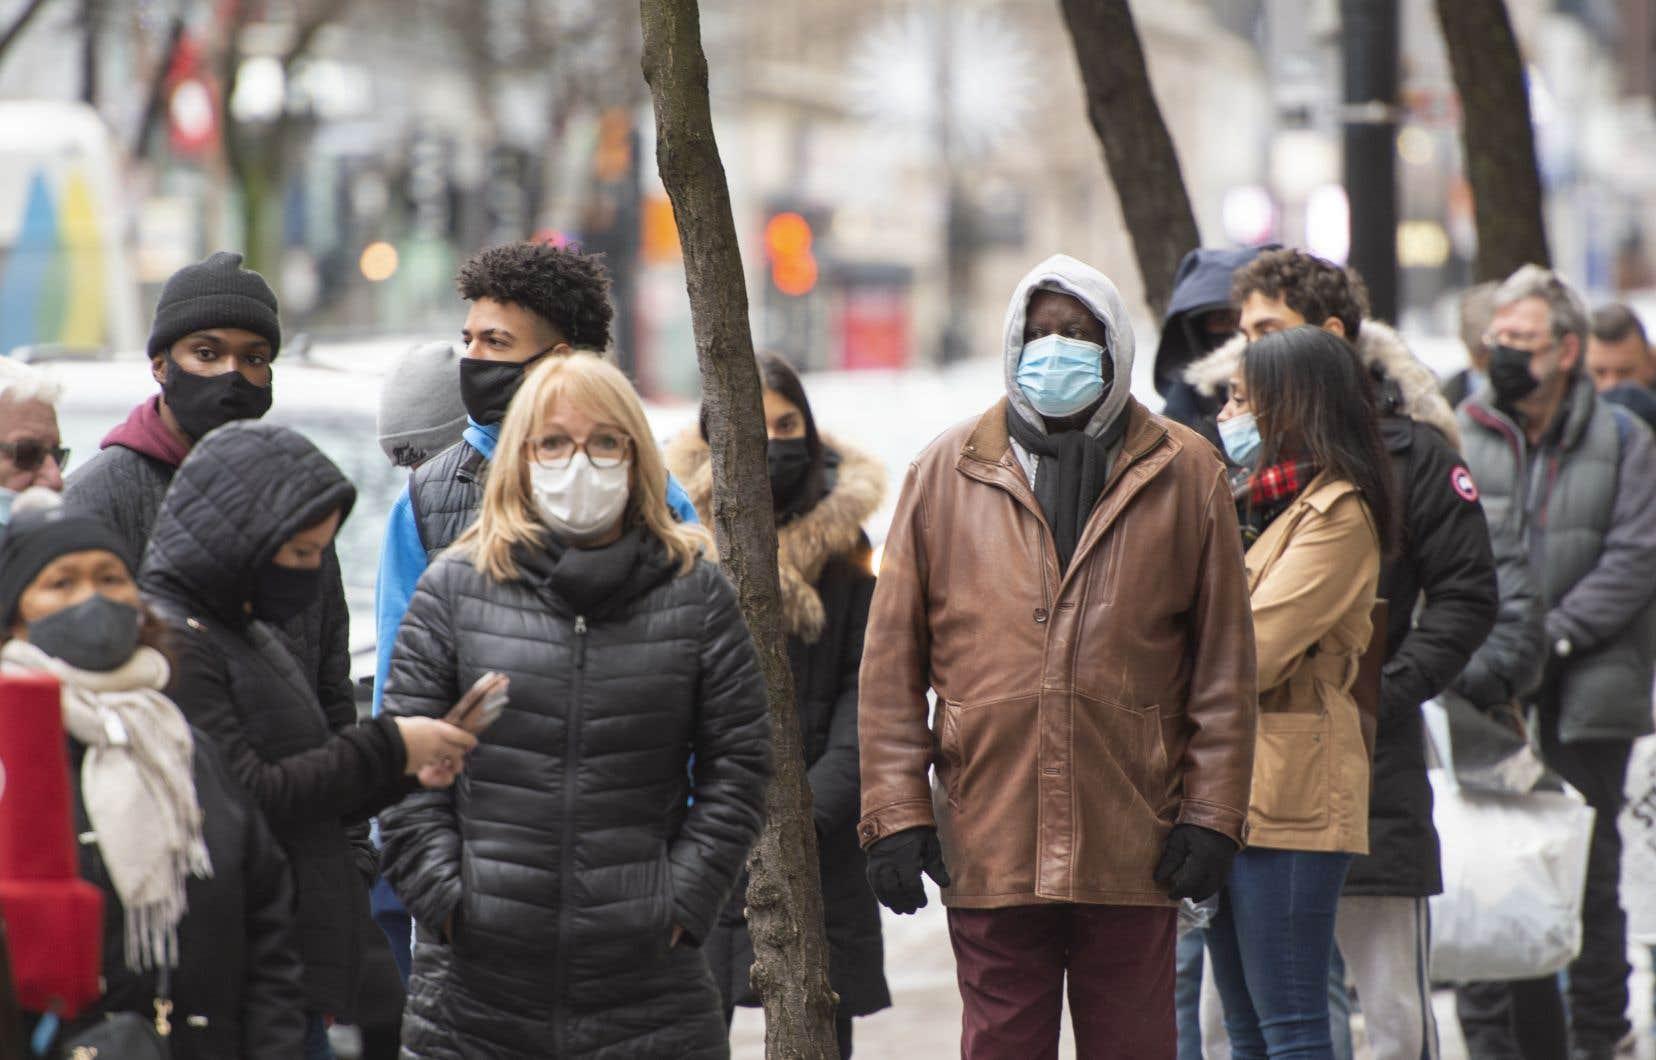 Les autorités montréalaises s'inquiètent déjà de la pression que les Fêtes exerceront sur le système de santé.